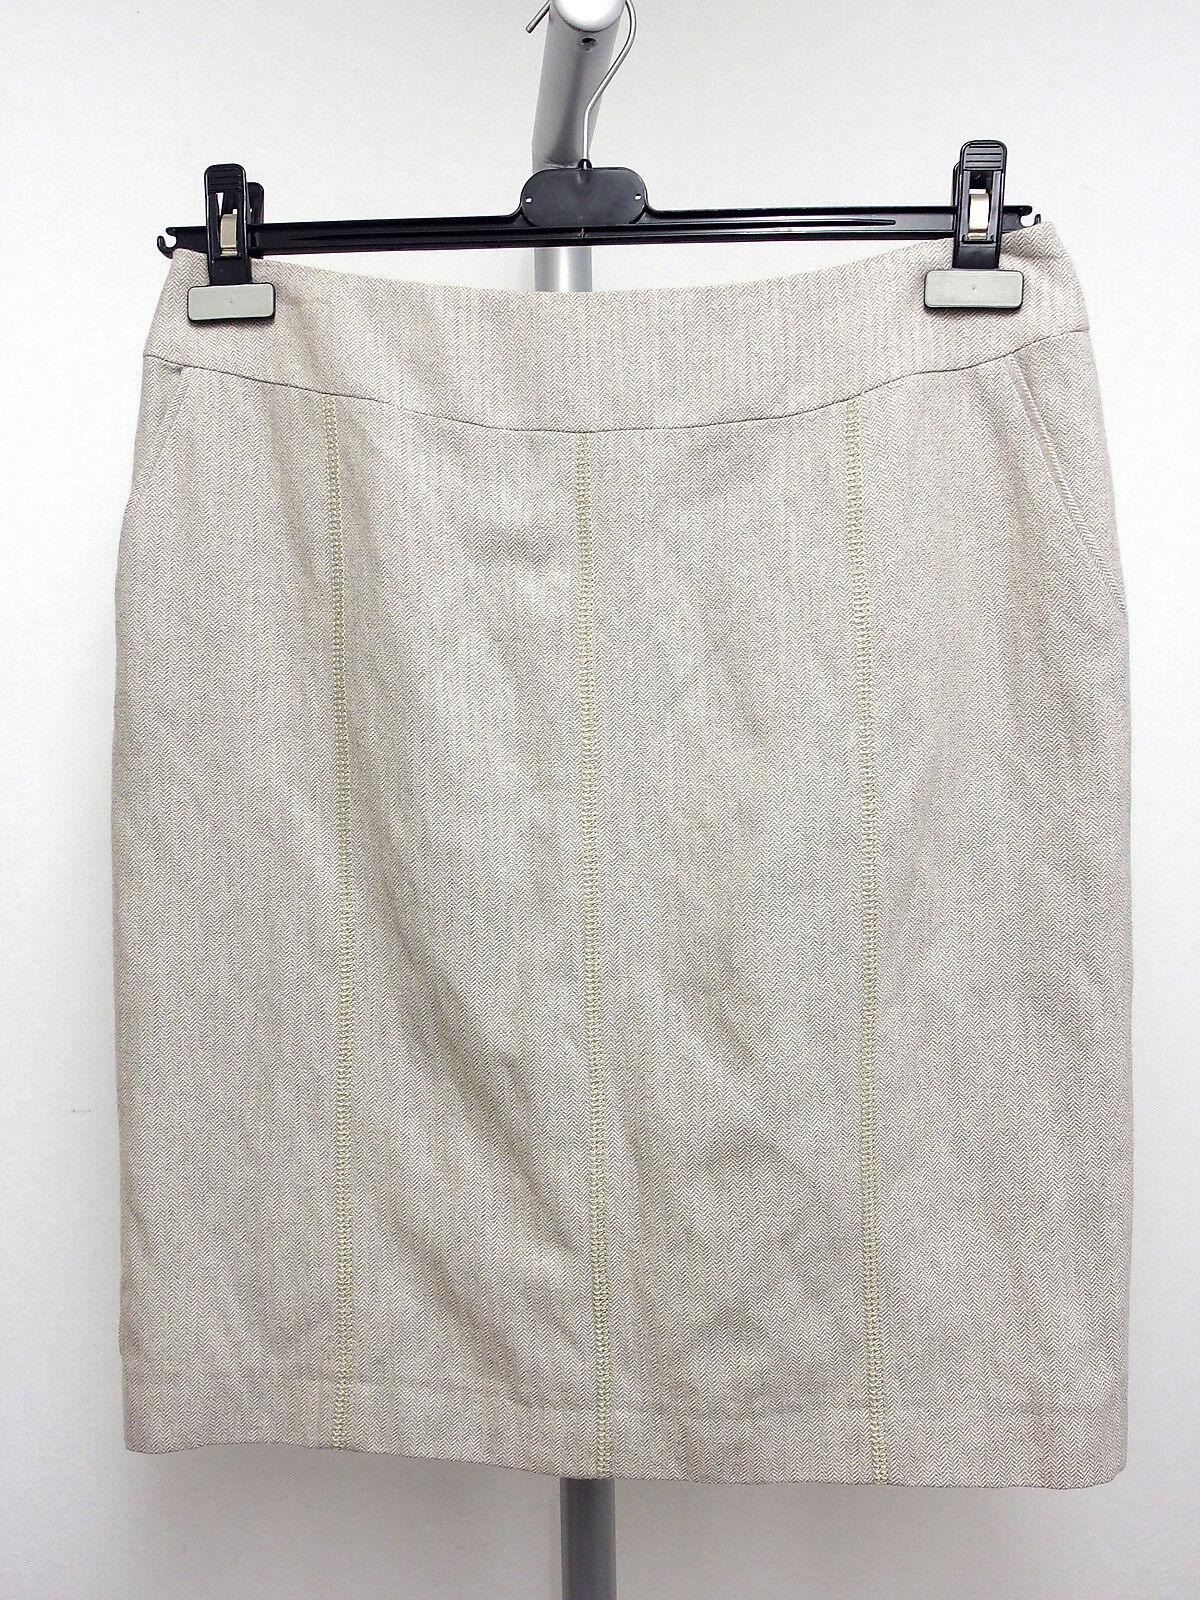 189 NEU AMBIENTE Designer Rock Skirt Gr.38 Baumwollmischung Fischgrät Beige